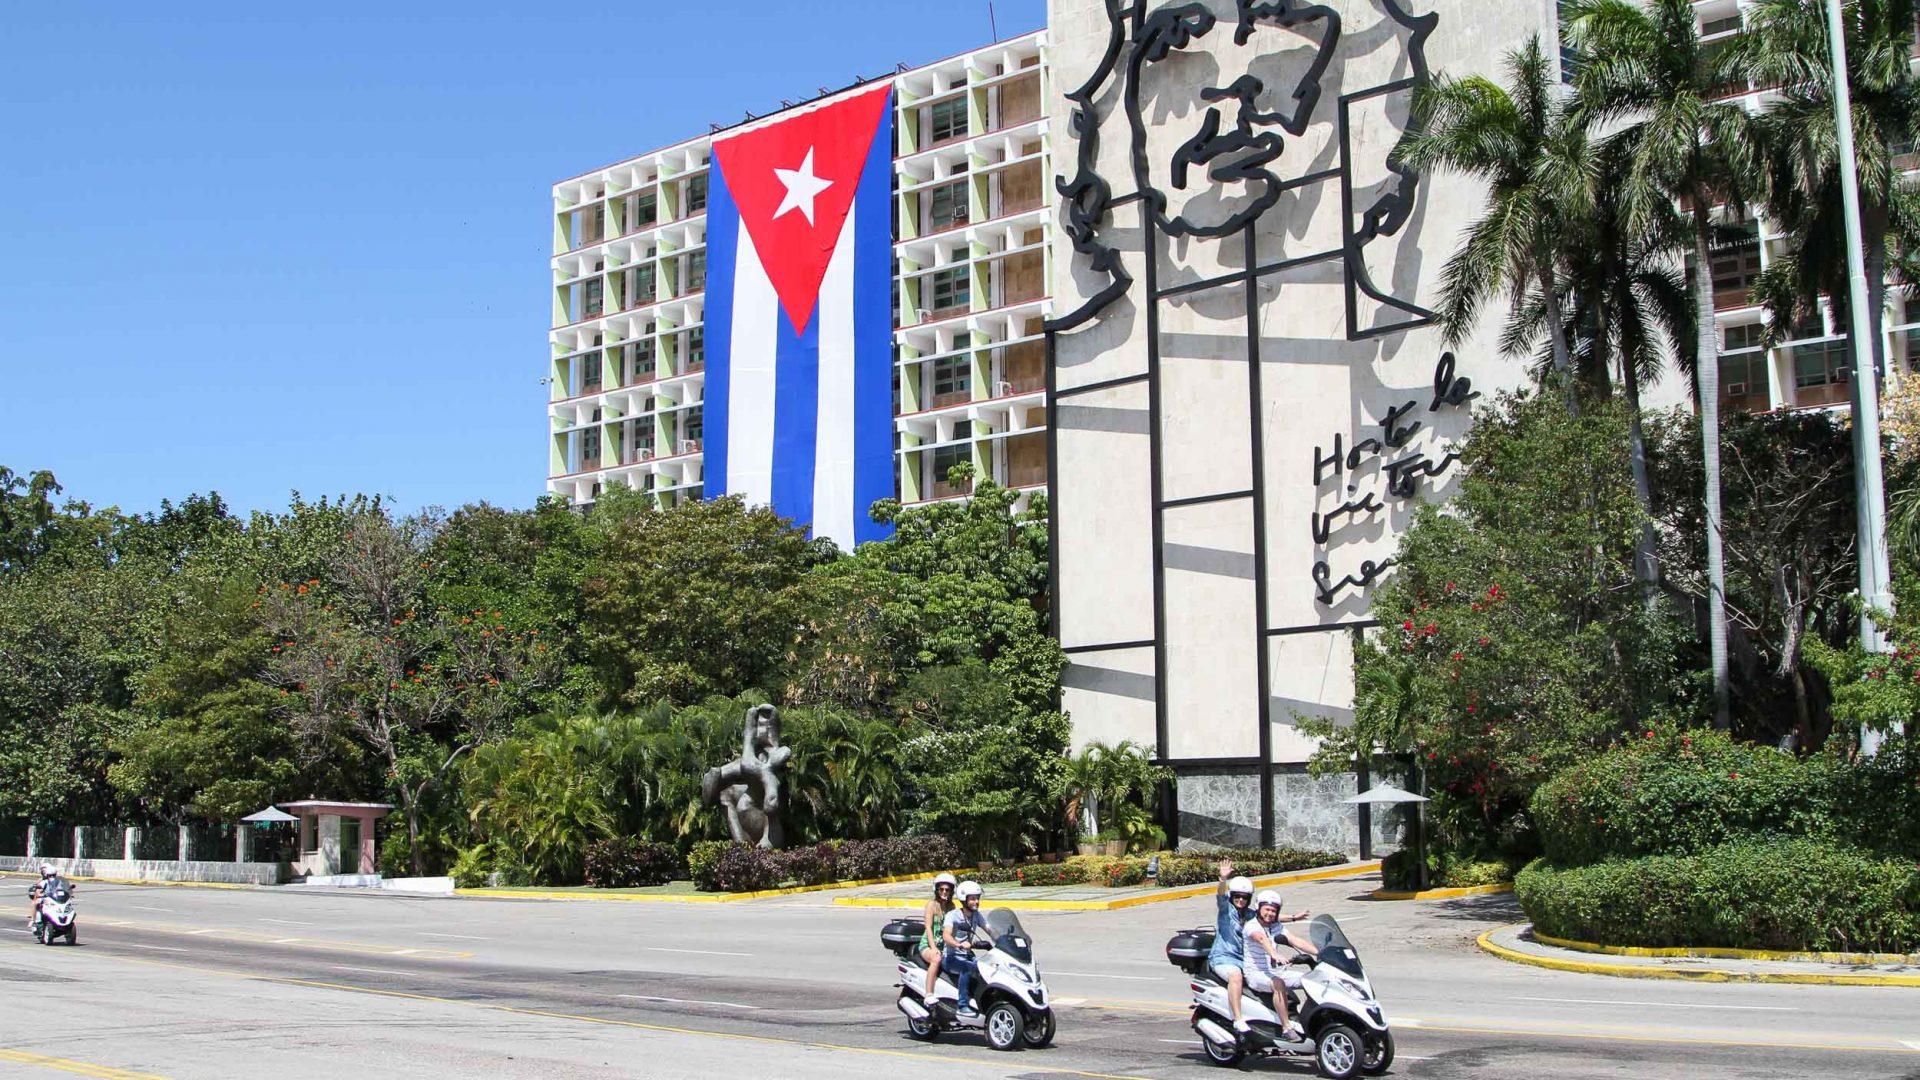 Scooters in Havana.